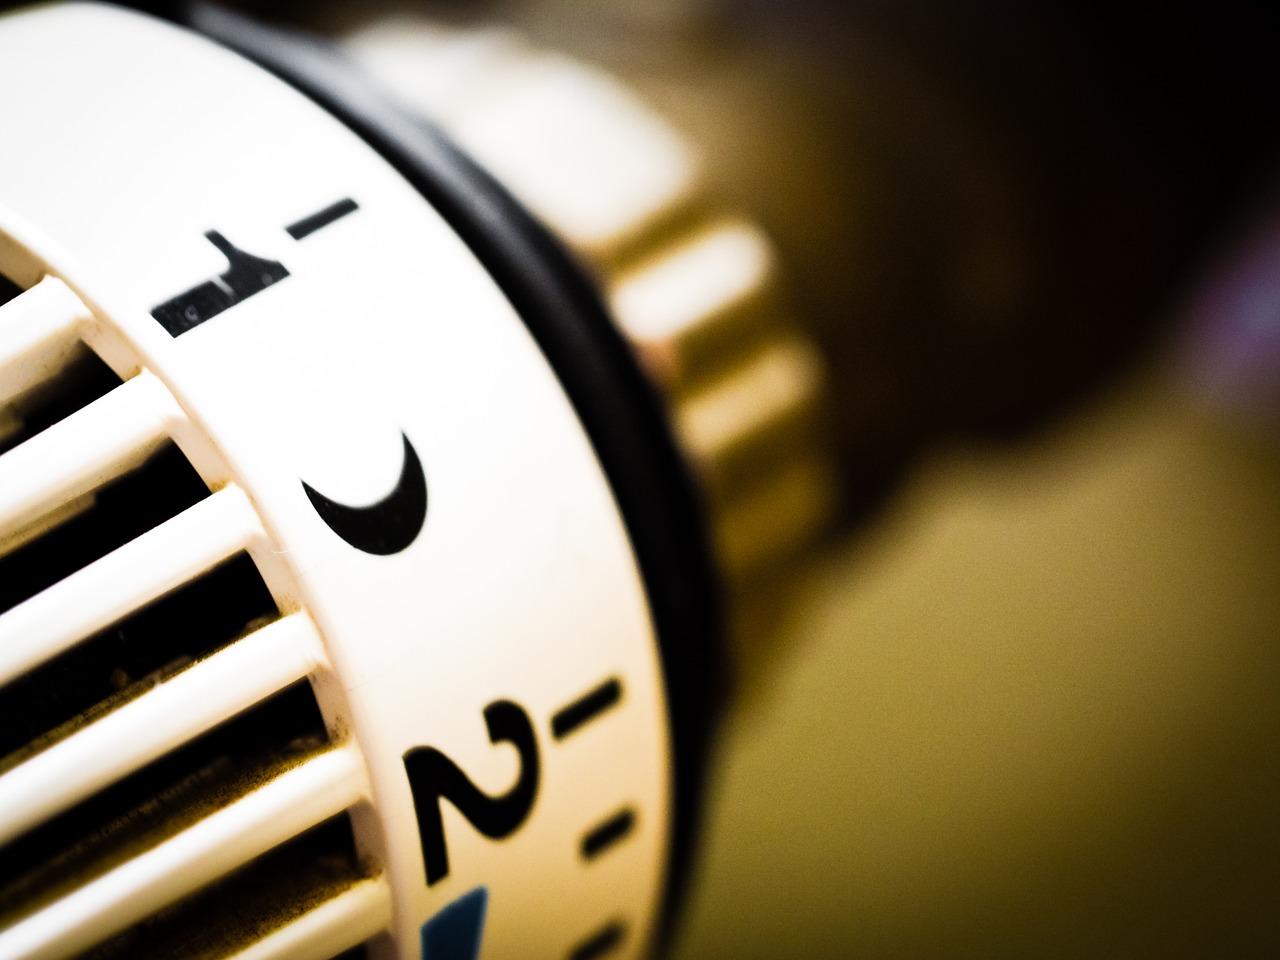 Chauffage électrique: une bonne idée? 2